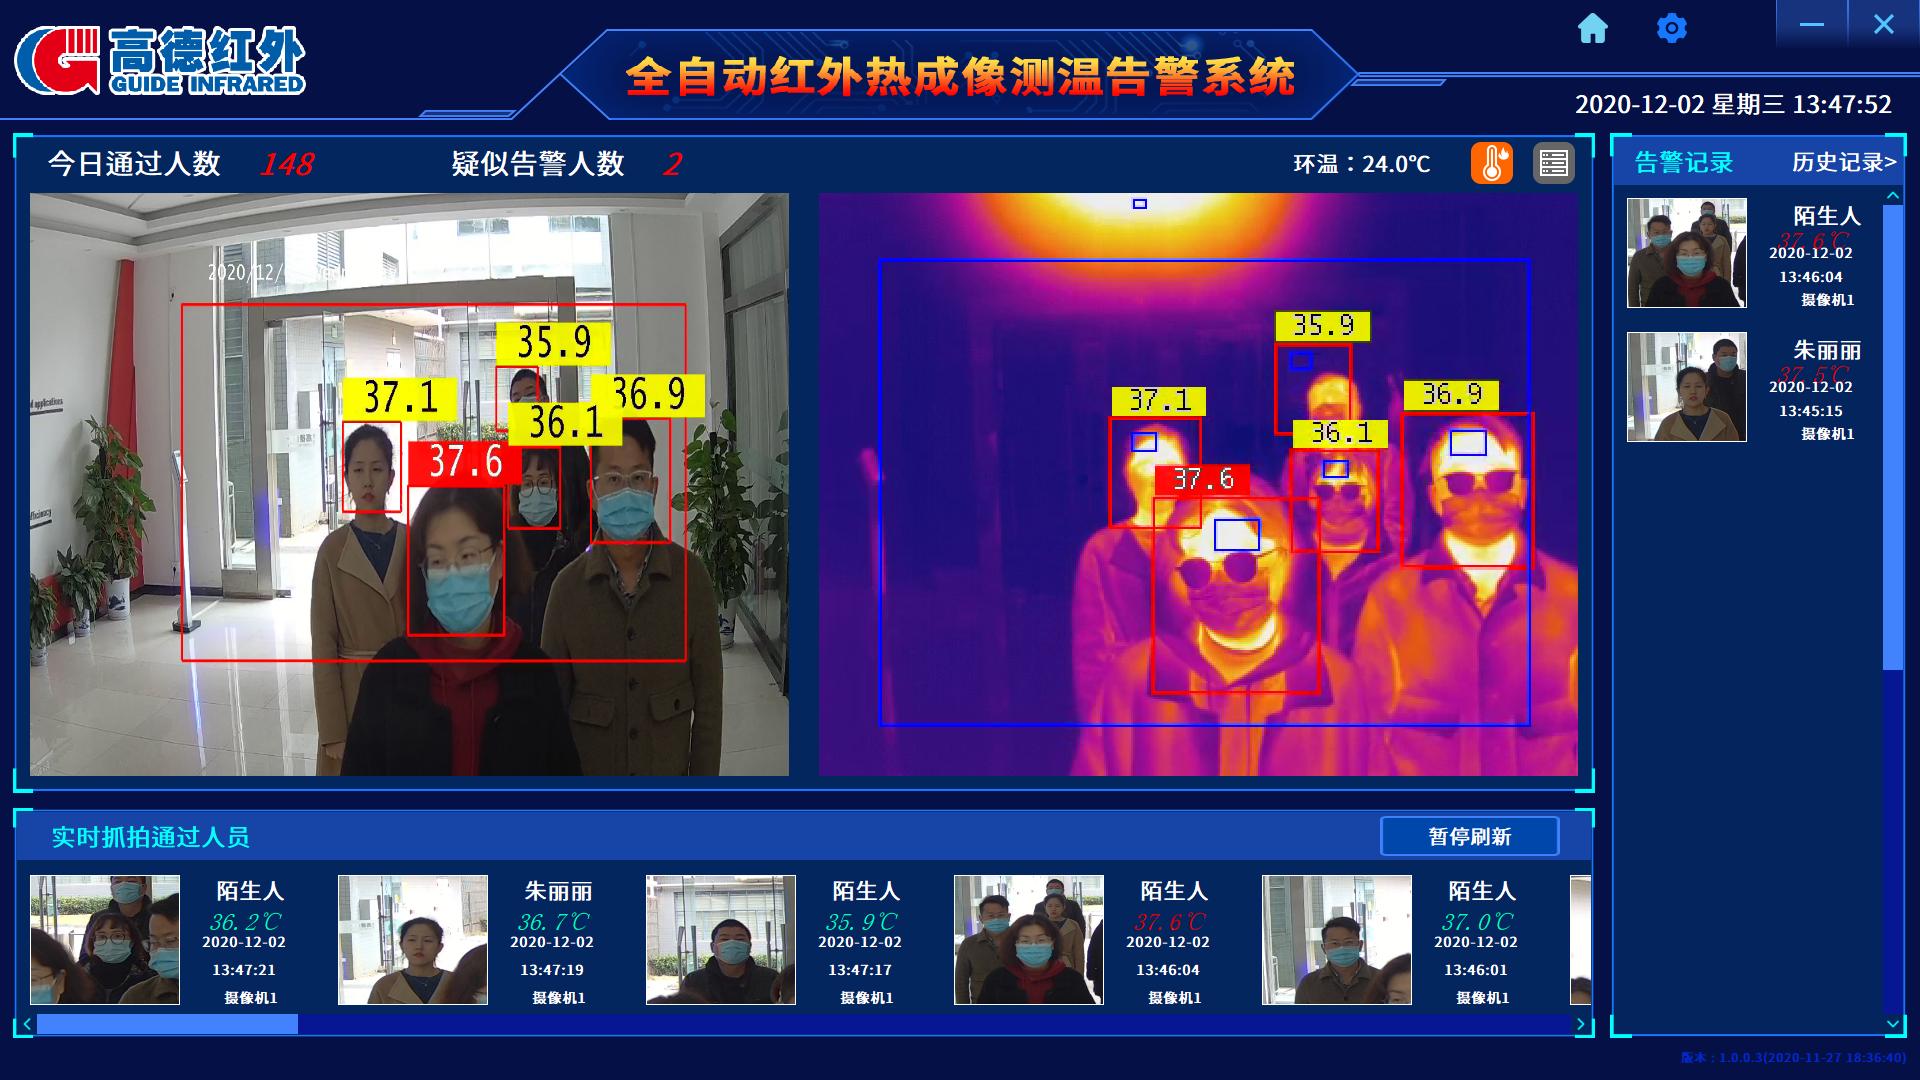 中文-QT界面图2.png